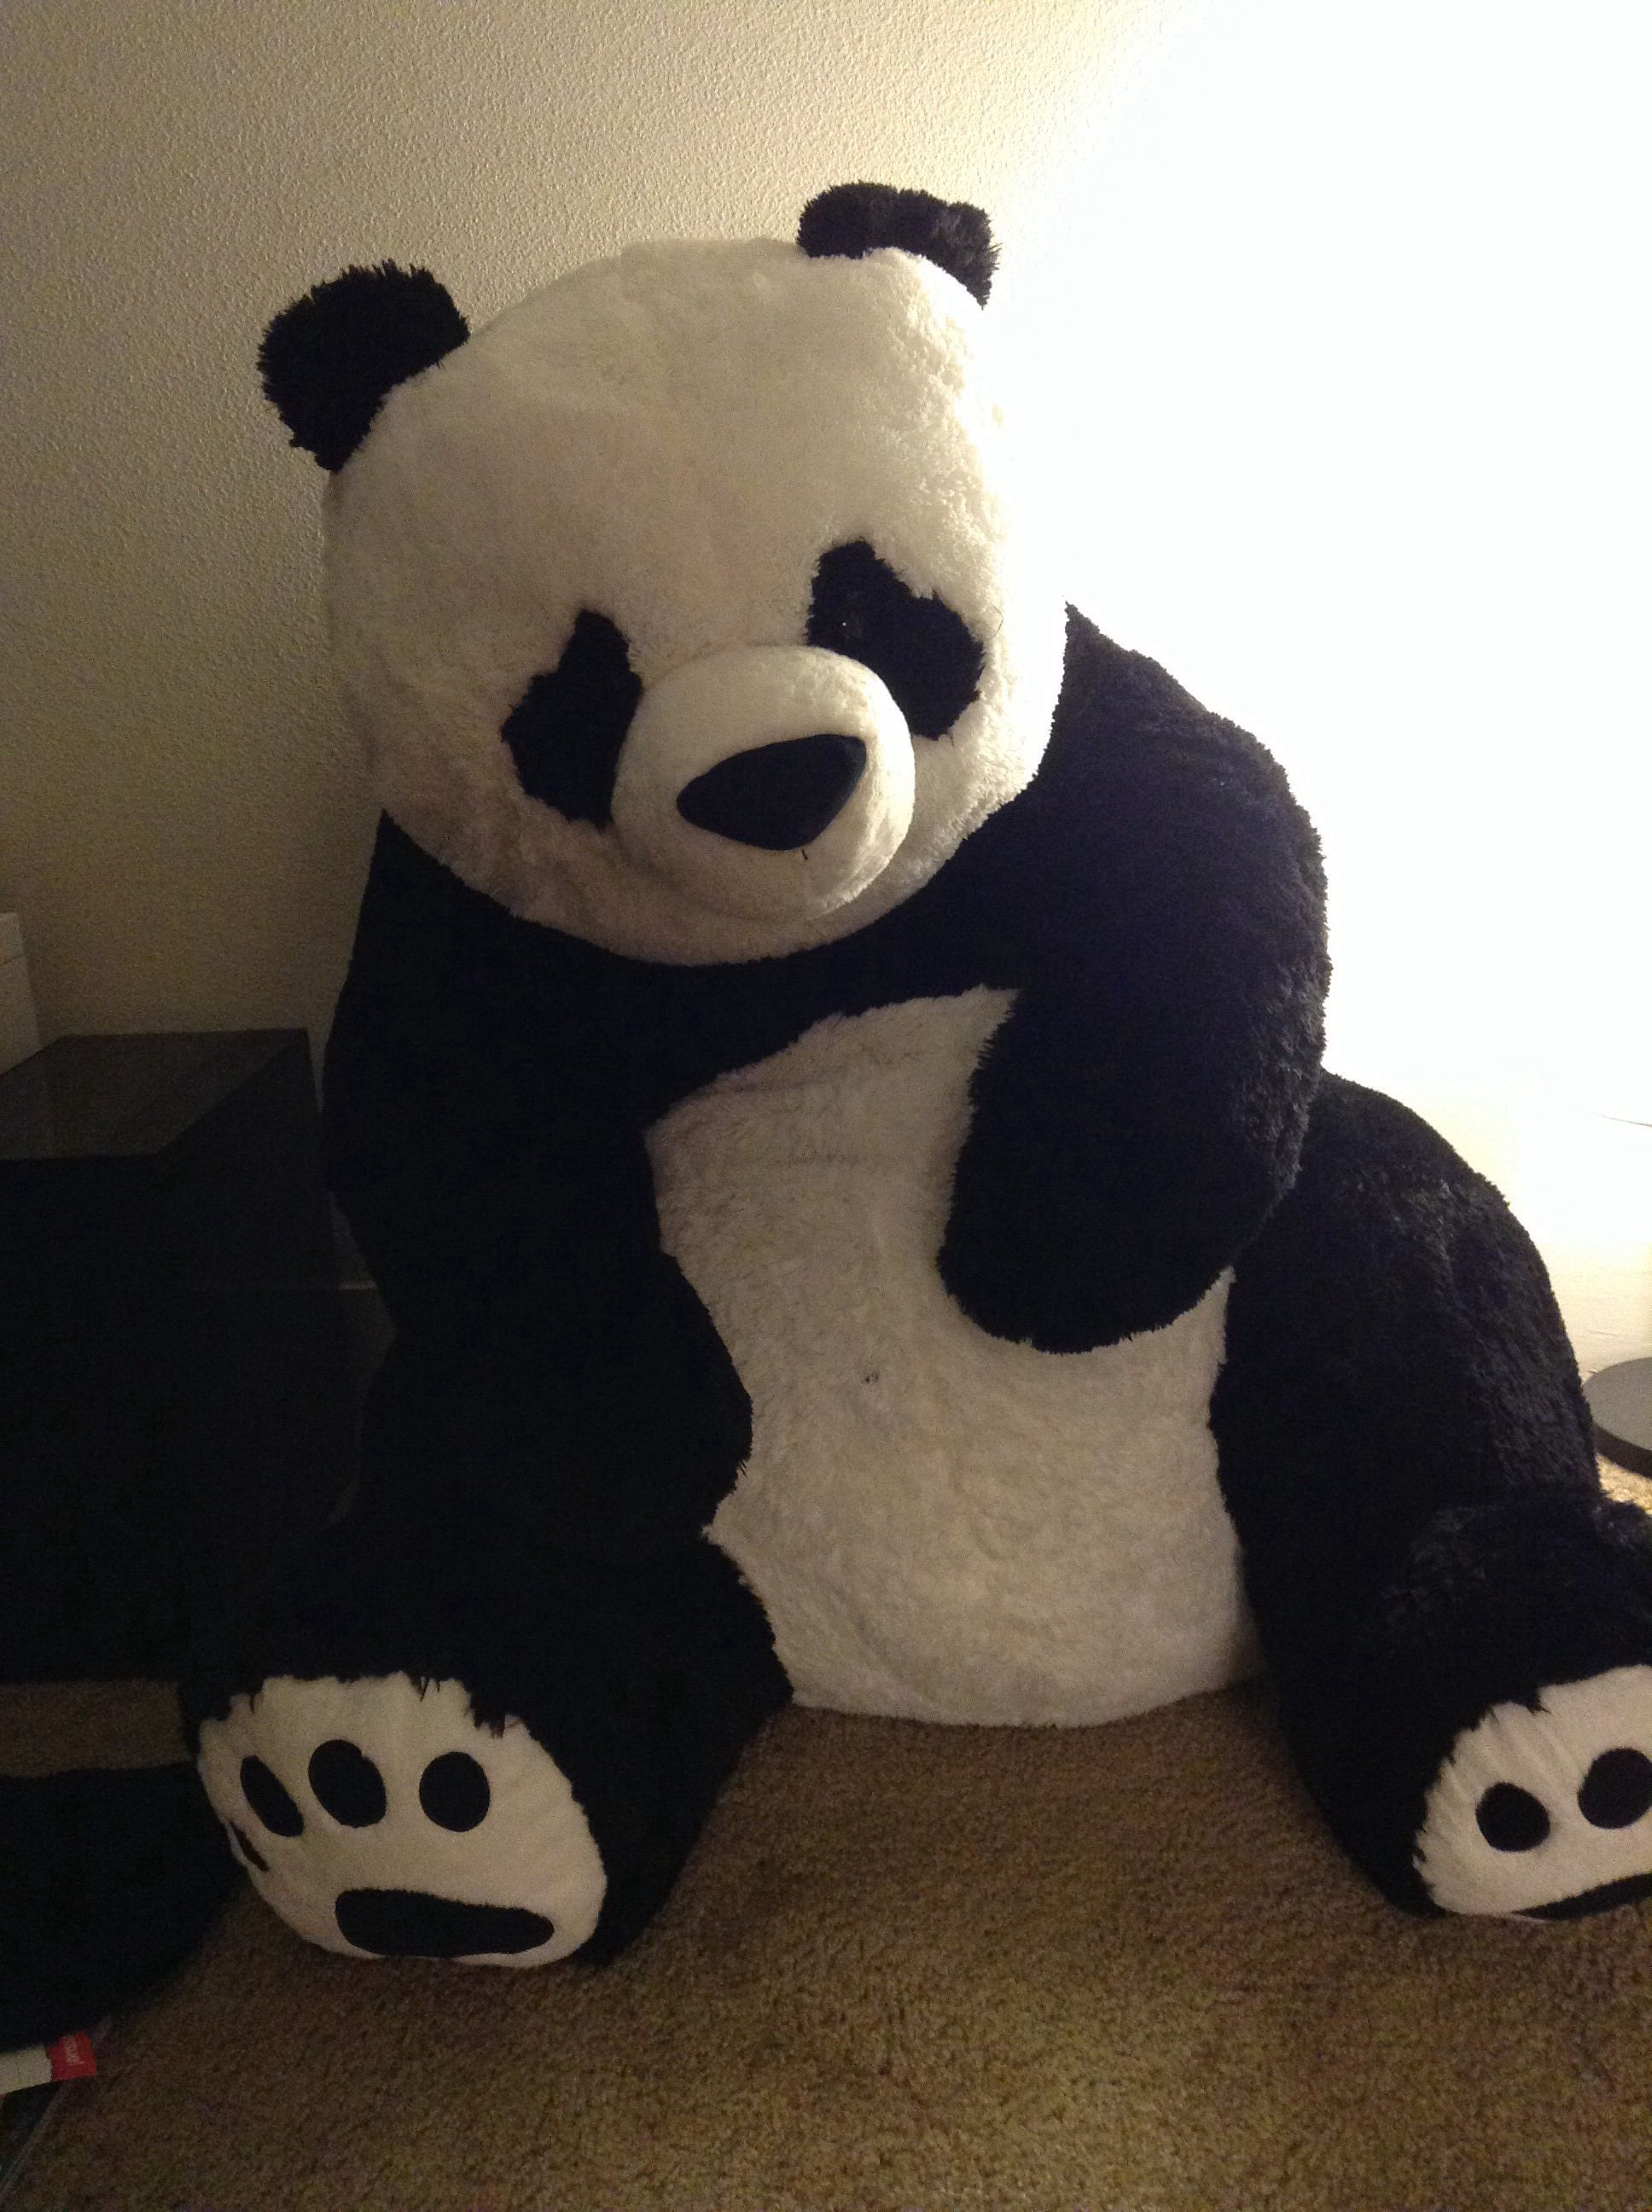 36 Stuffed Panda From Costco Pandas Peluches Oso Panda Peluche